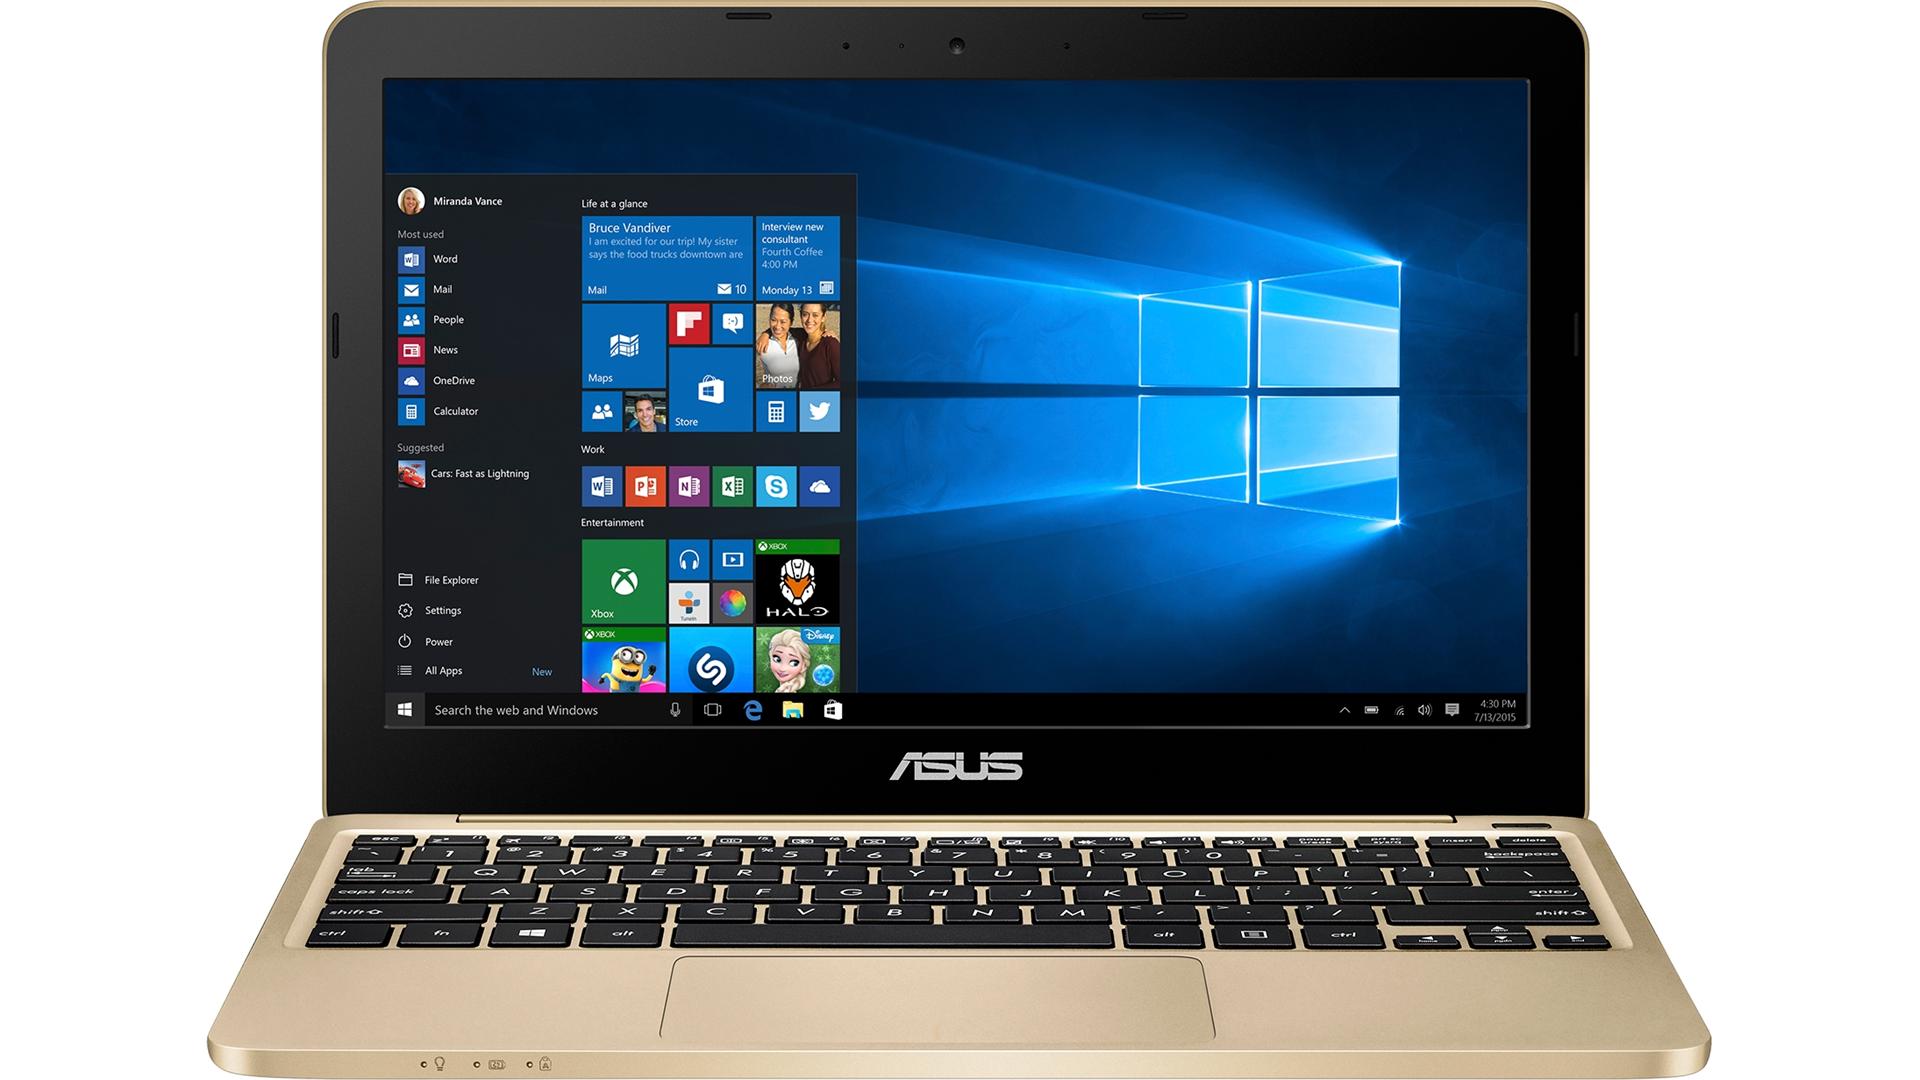 Asus VivoBook E200HA-FD0041TS